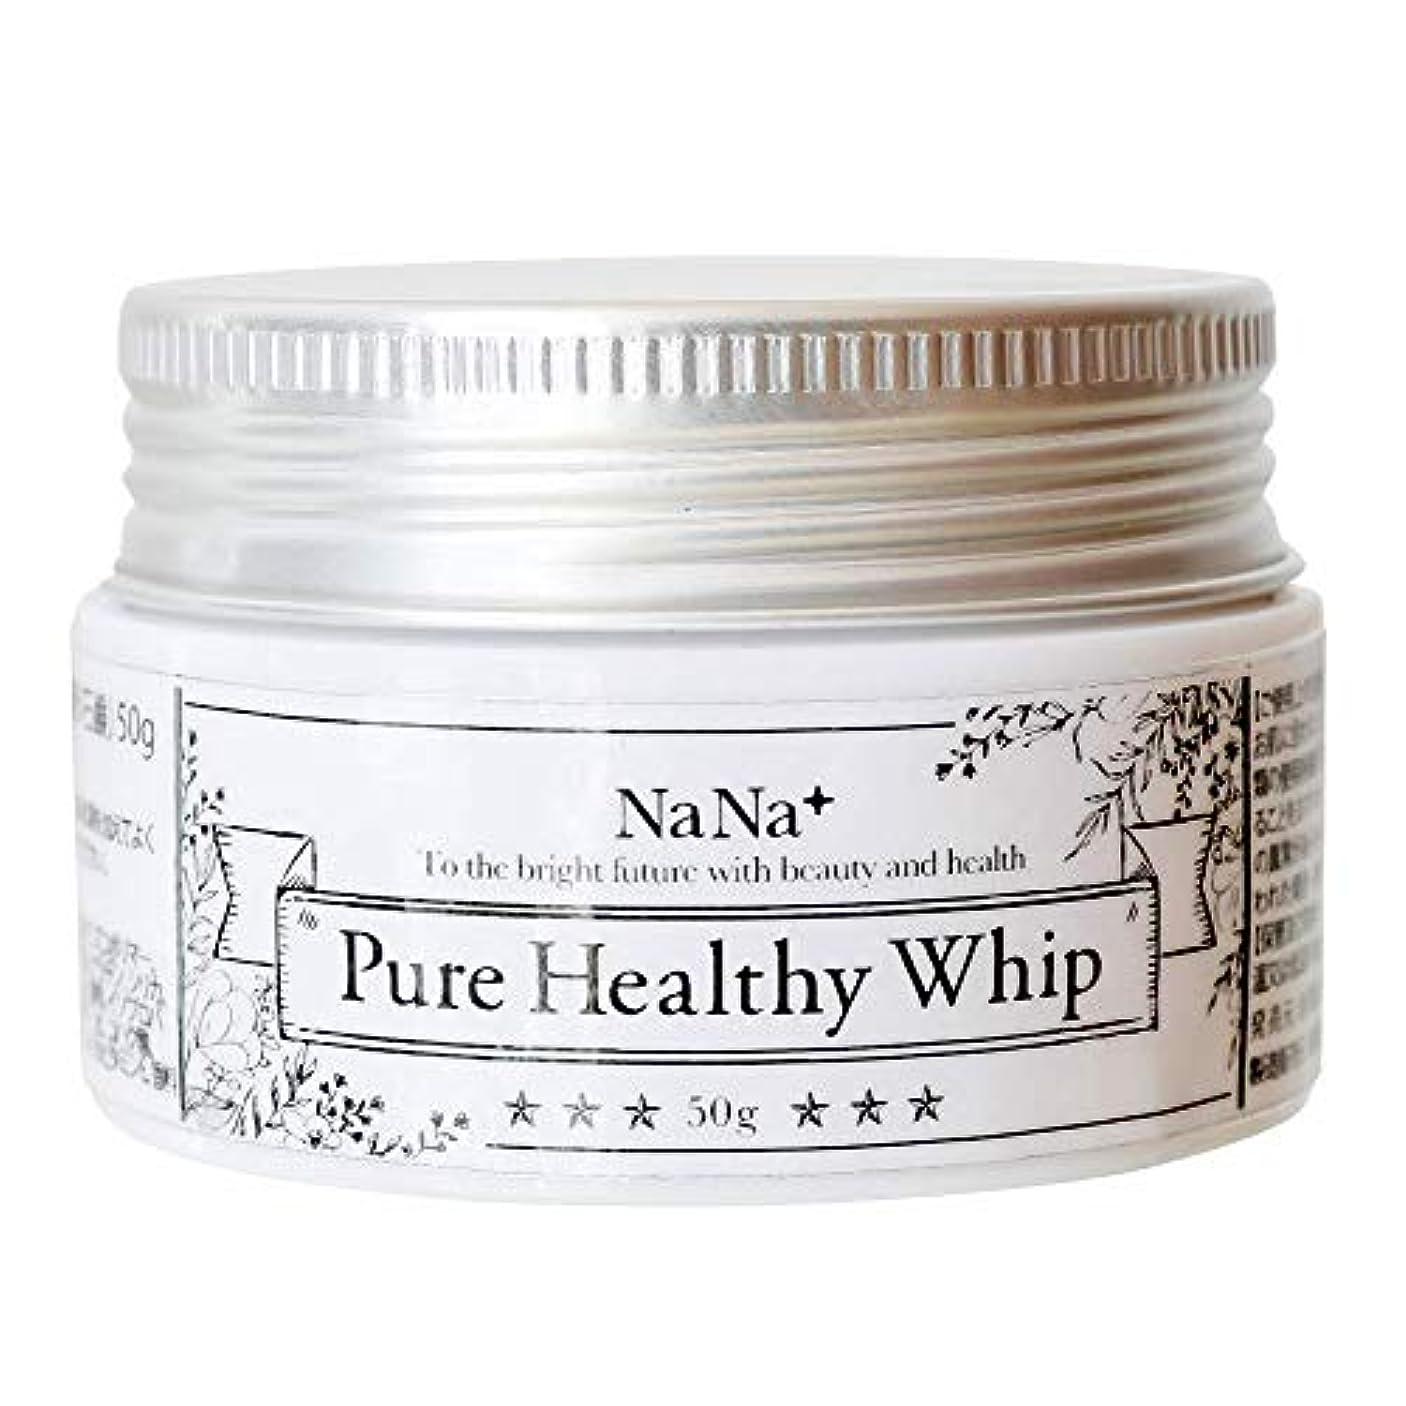 洗顔 生せっけん 敏感肌 乾燥肌 の 毛穴 くすみ 黒ずみ ケア 肌に優しい無添加  nana+ピュアヘルシーホイップ